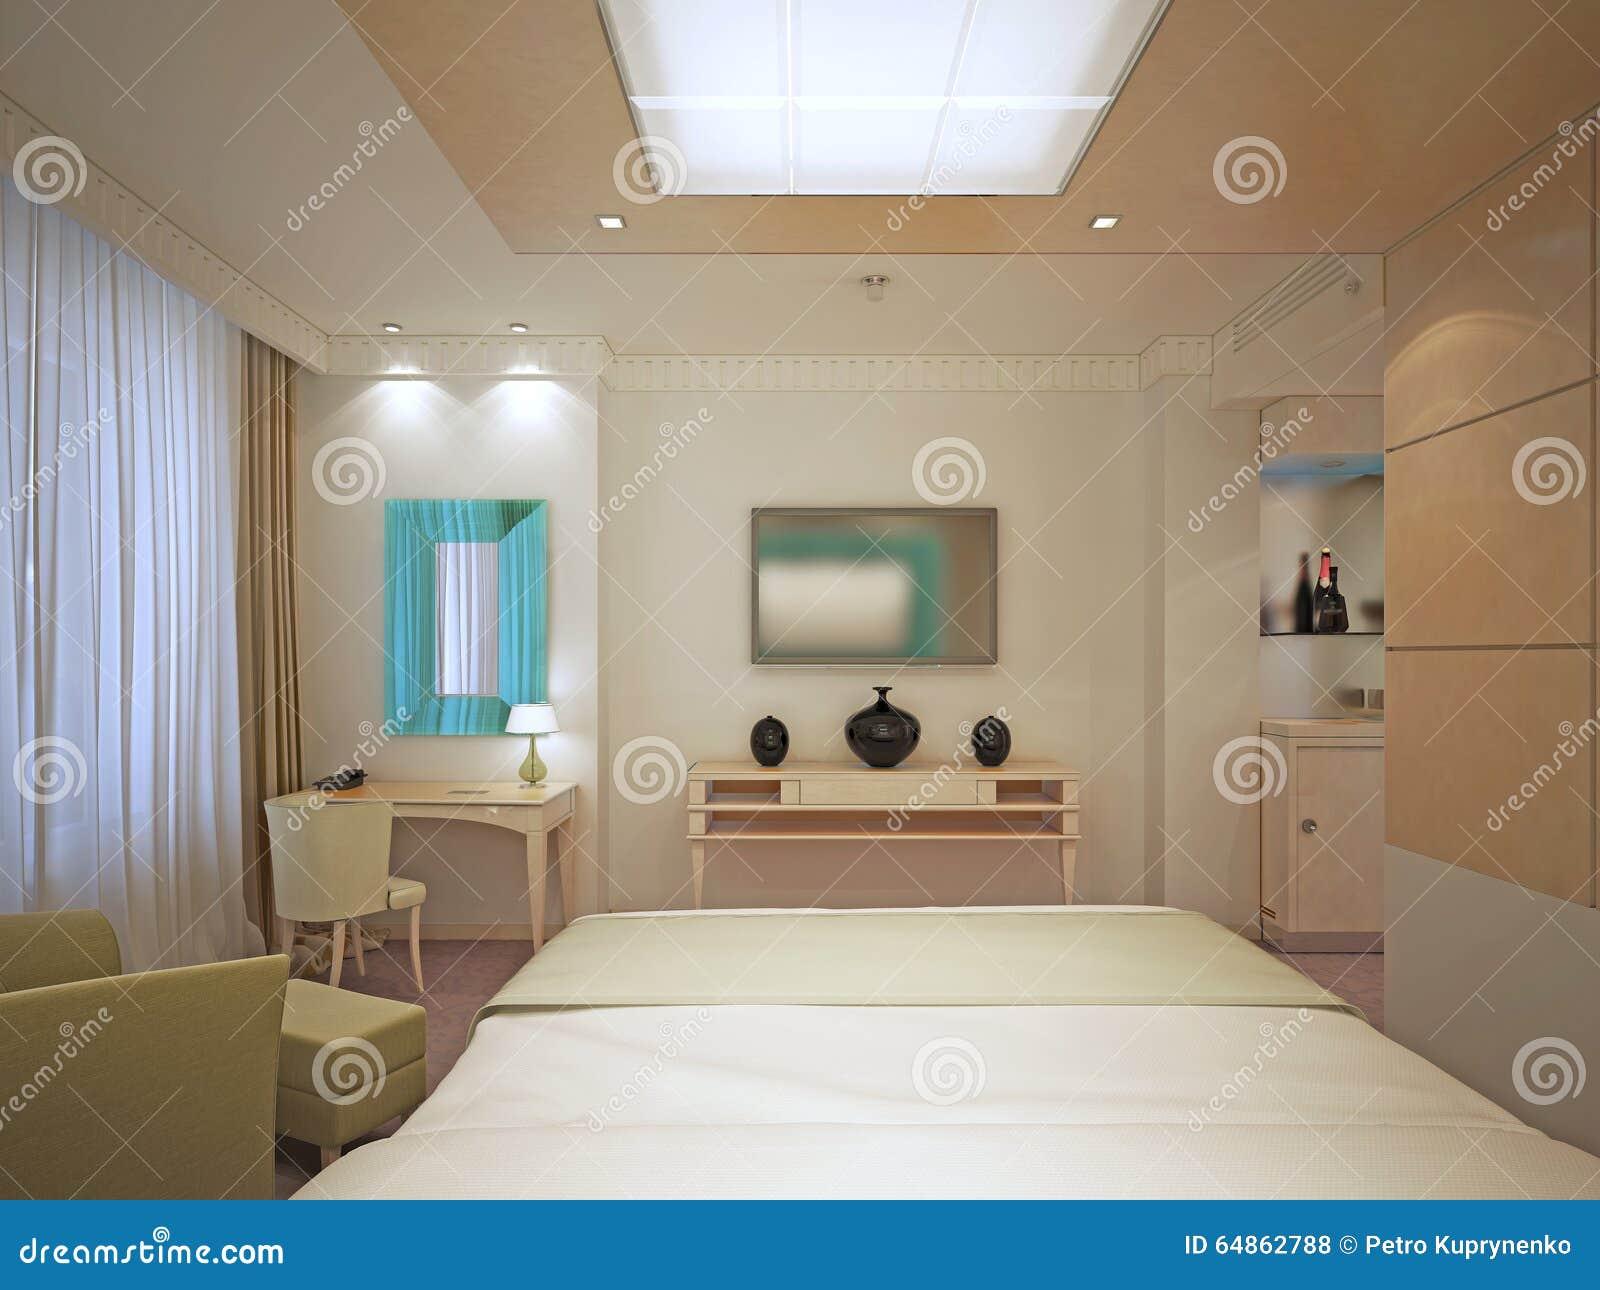 Camere Da Letto Art Deco : Bella camera da letto principale in art deco fotografia stock